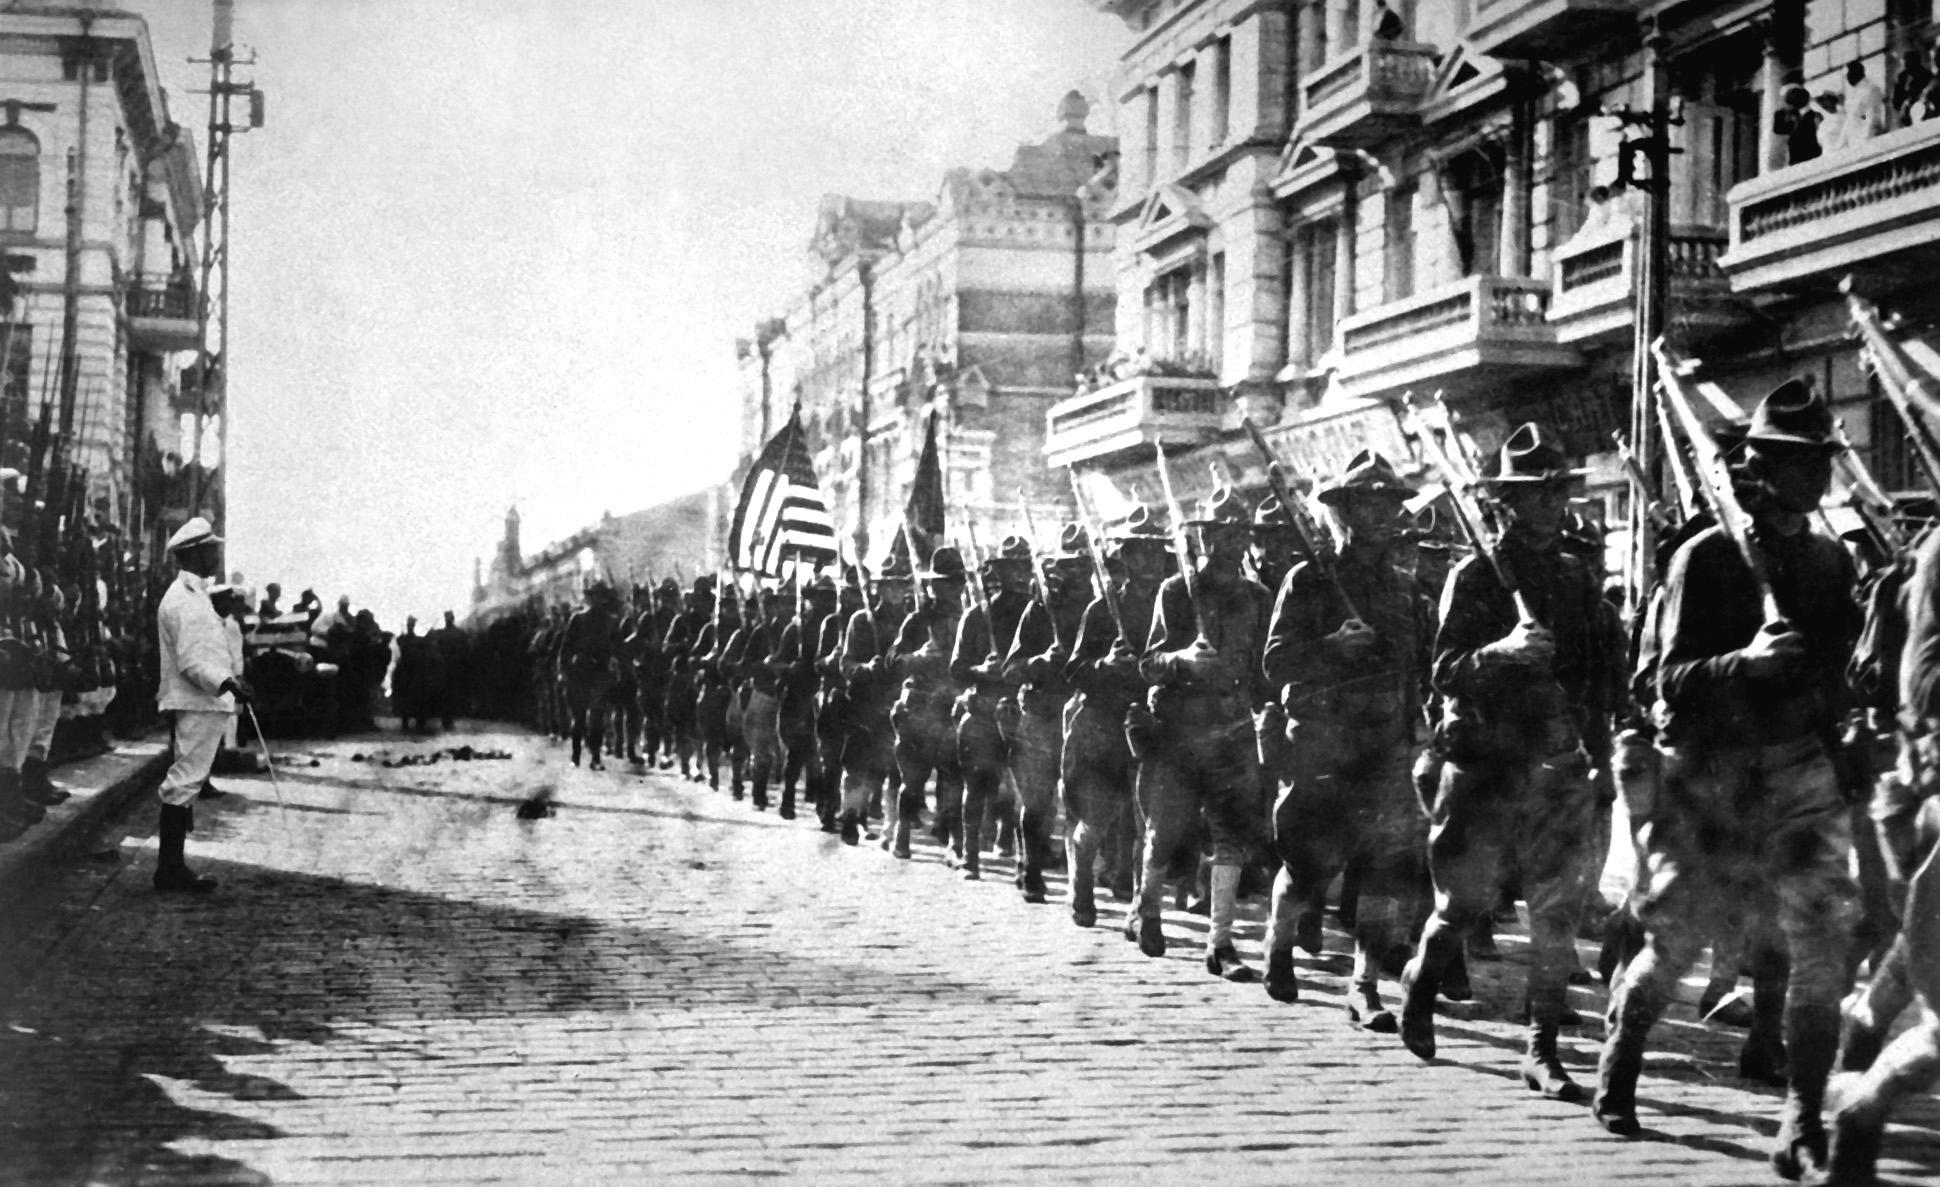 Tropas estadunidenses marcham em Vladivostok, na Sibéria, em agosto de 1918, diante de prédio ocupado por tchecoslovacos. À esquerda da foto, em posição de sentido, fuzileiros navais japoneses observam a marcha.